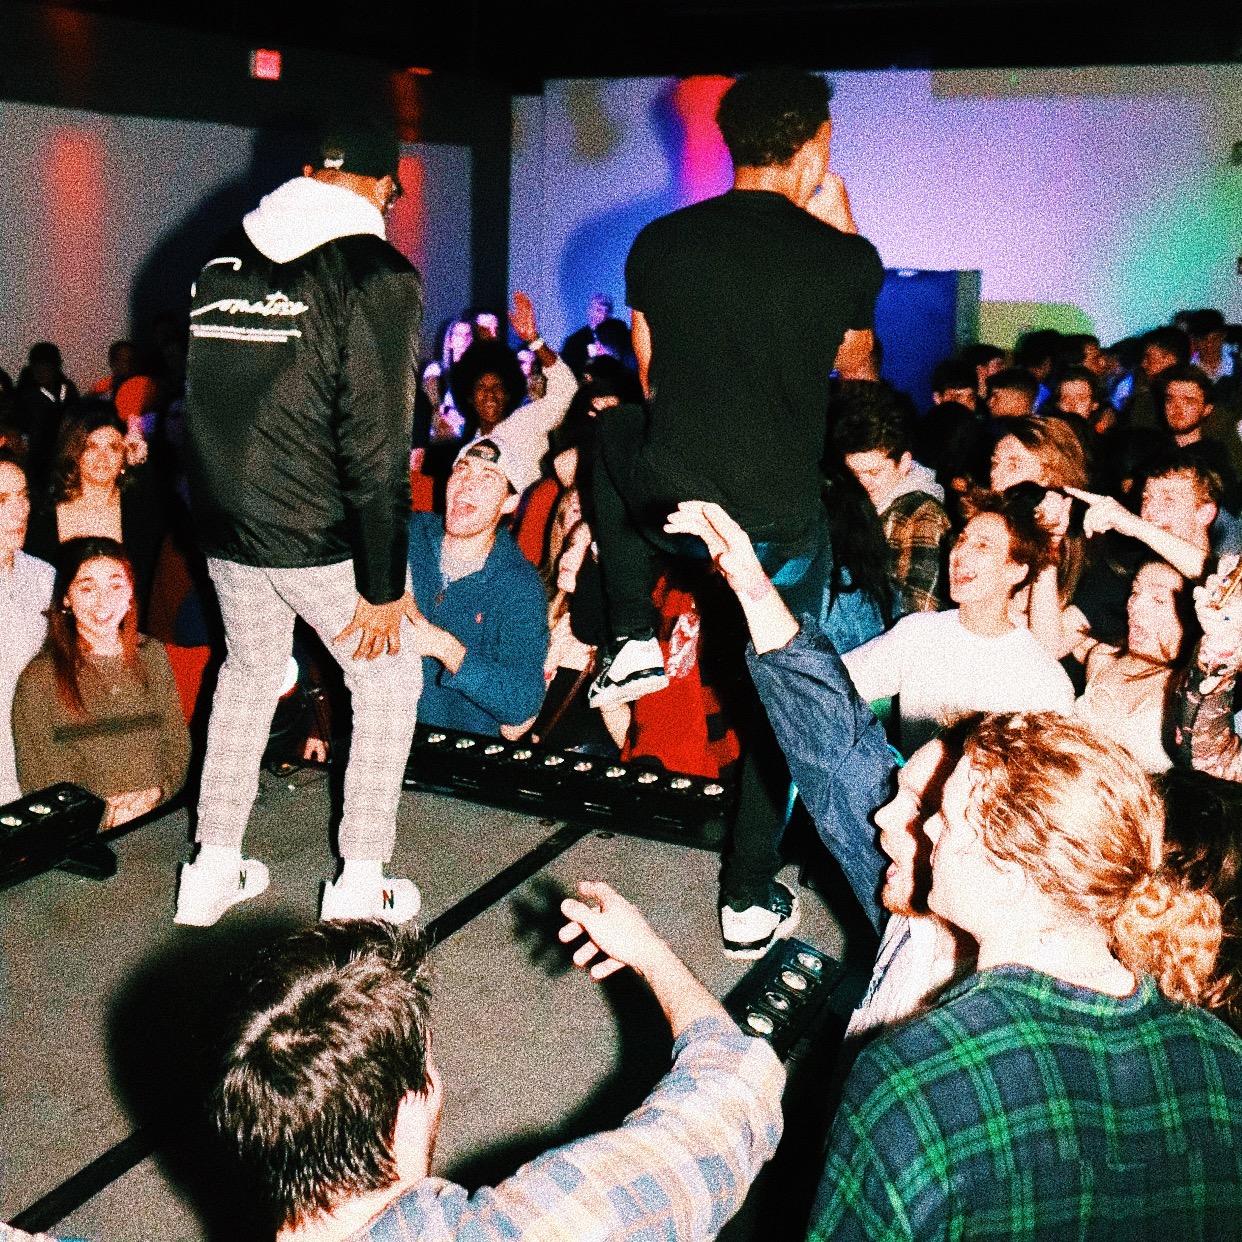 rebels no savage tour dates